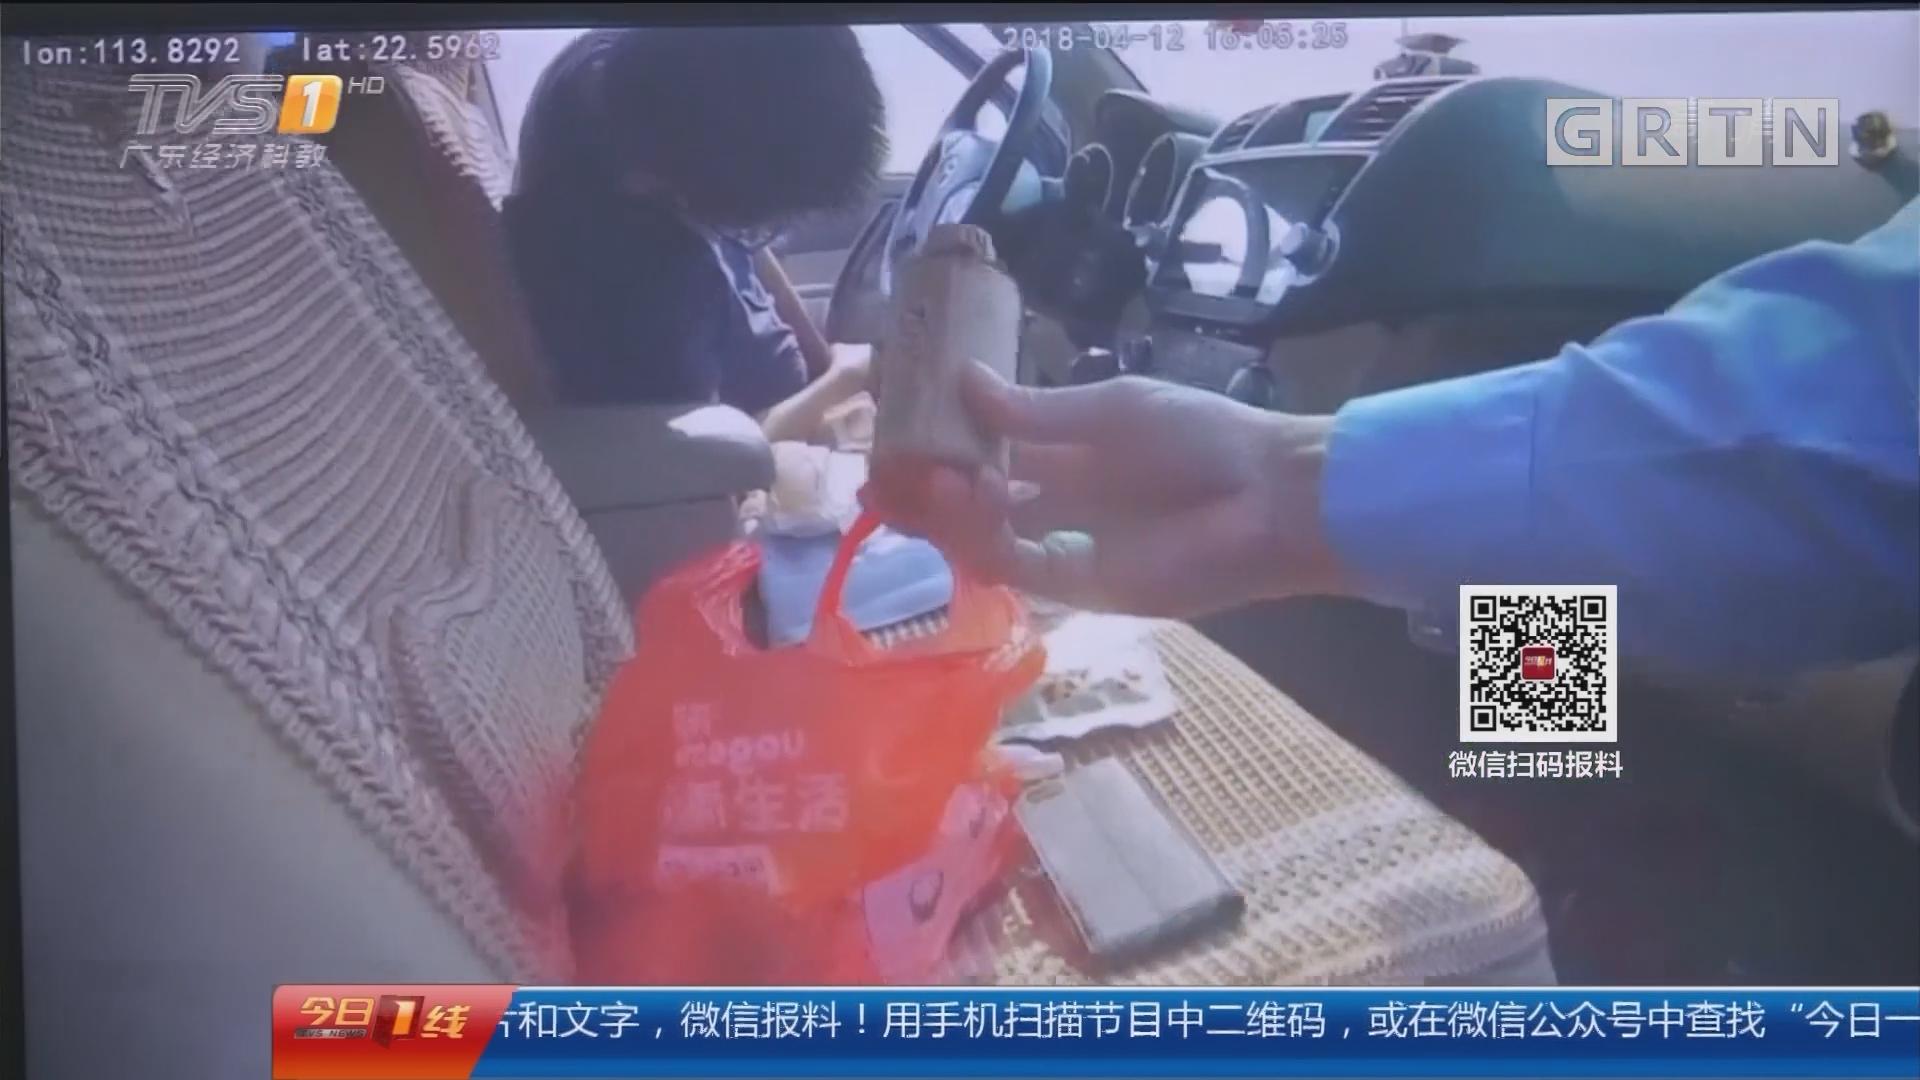 深圳:蹊跷!年轻司机在高速上深度昏迷